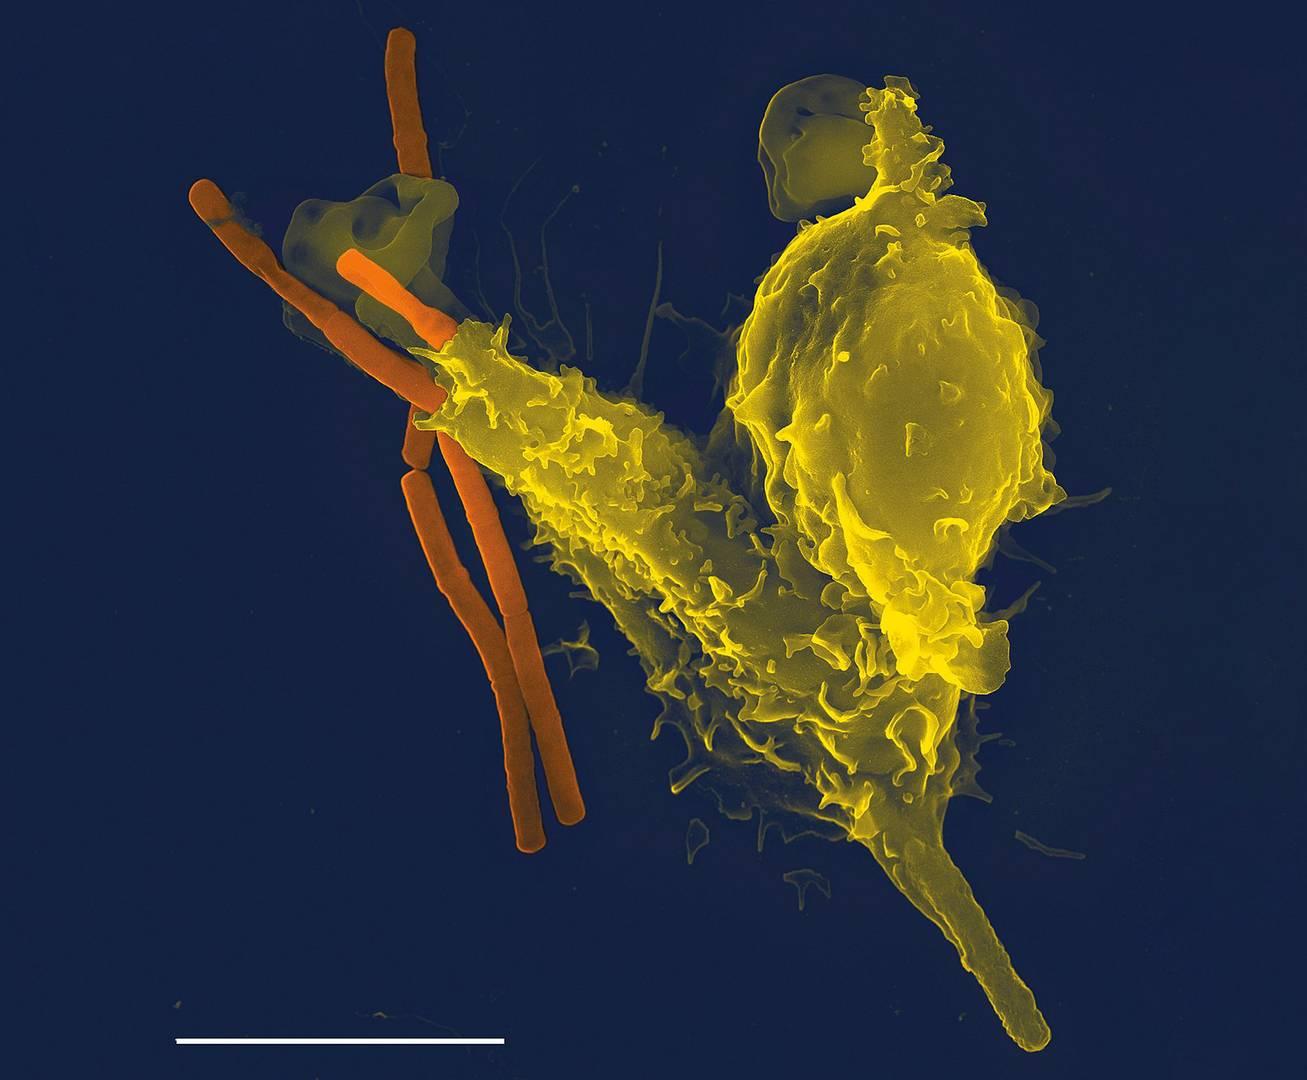 Фагоцит (нейтрофил) поглощает бациллу сибирской язвы